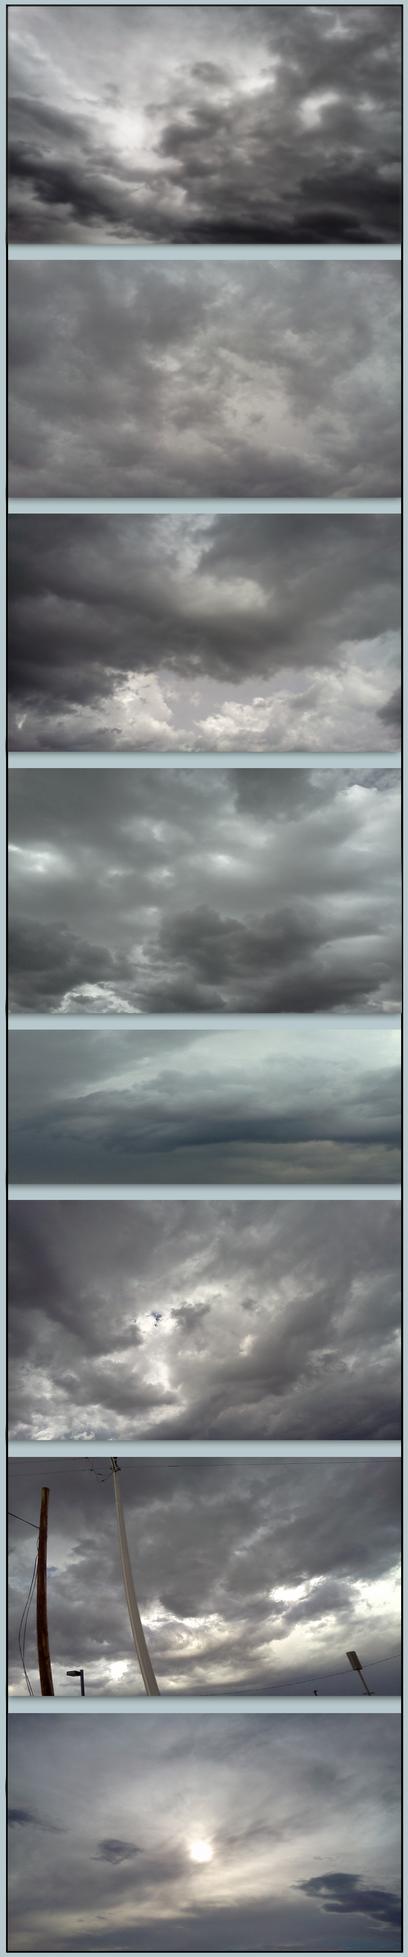 Rainy Day Collage by TwiliYoshi